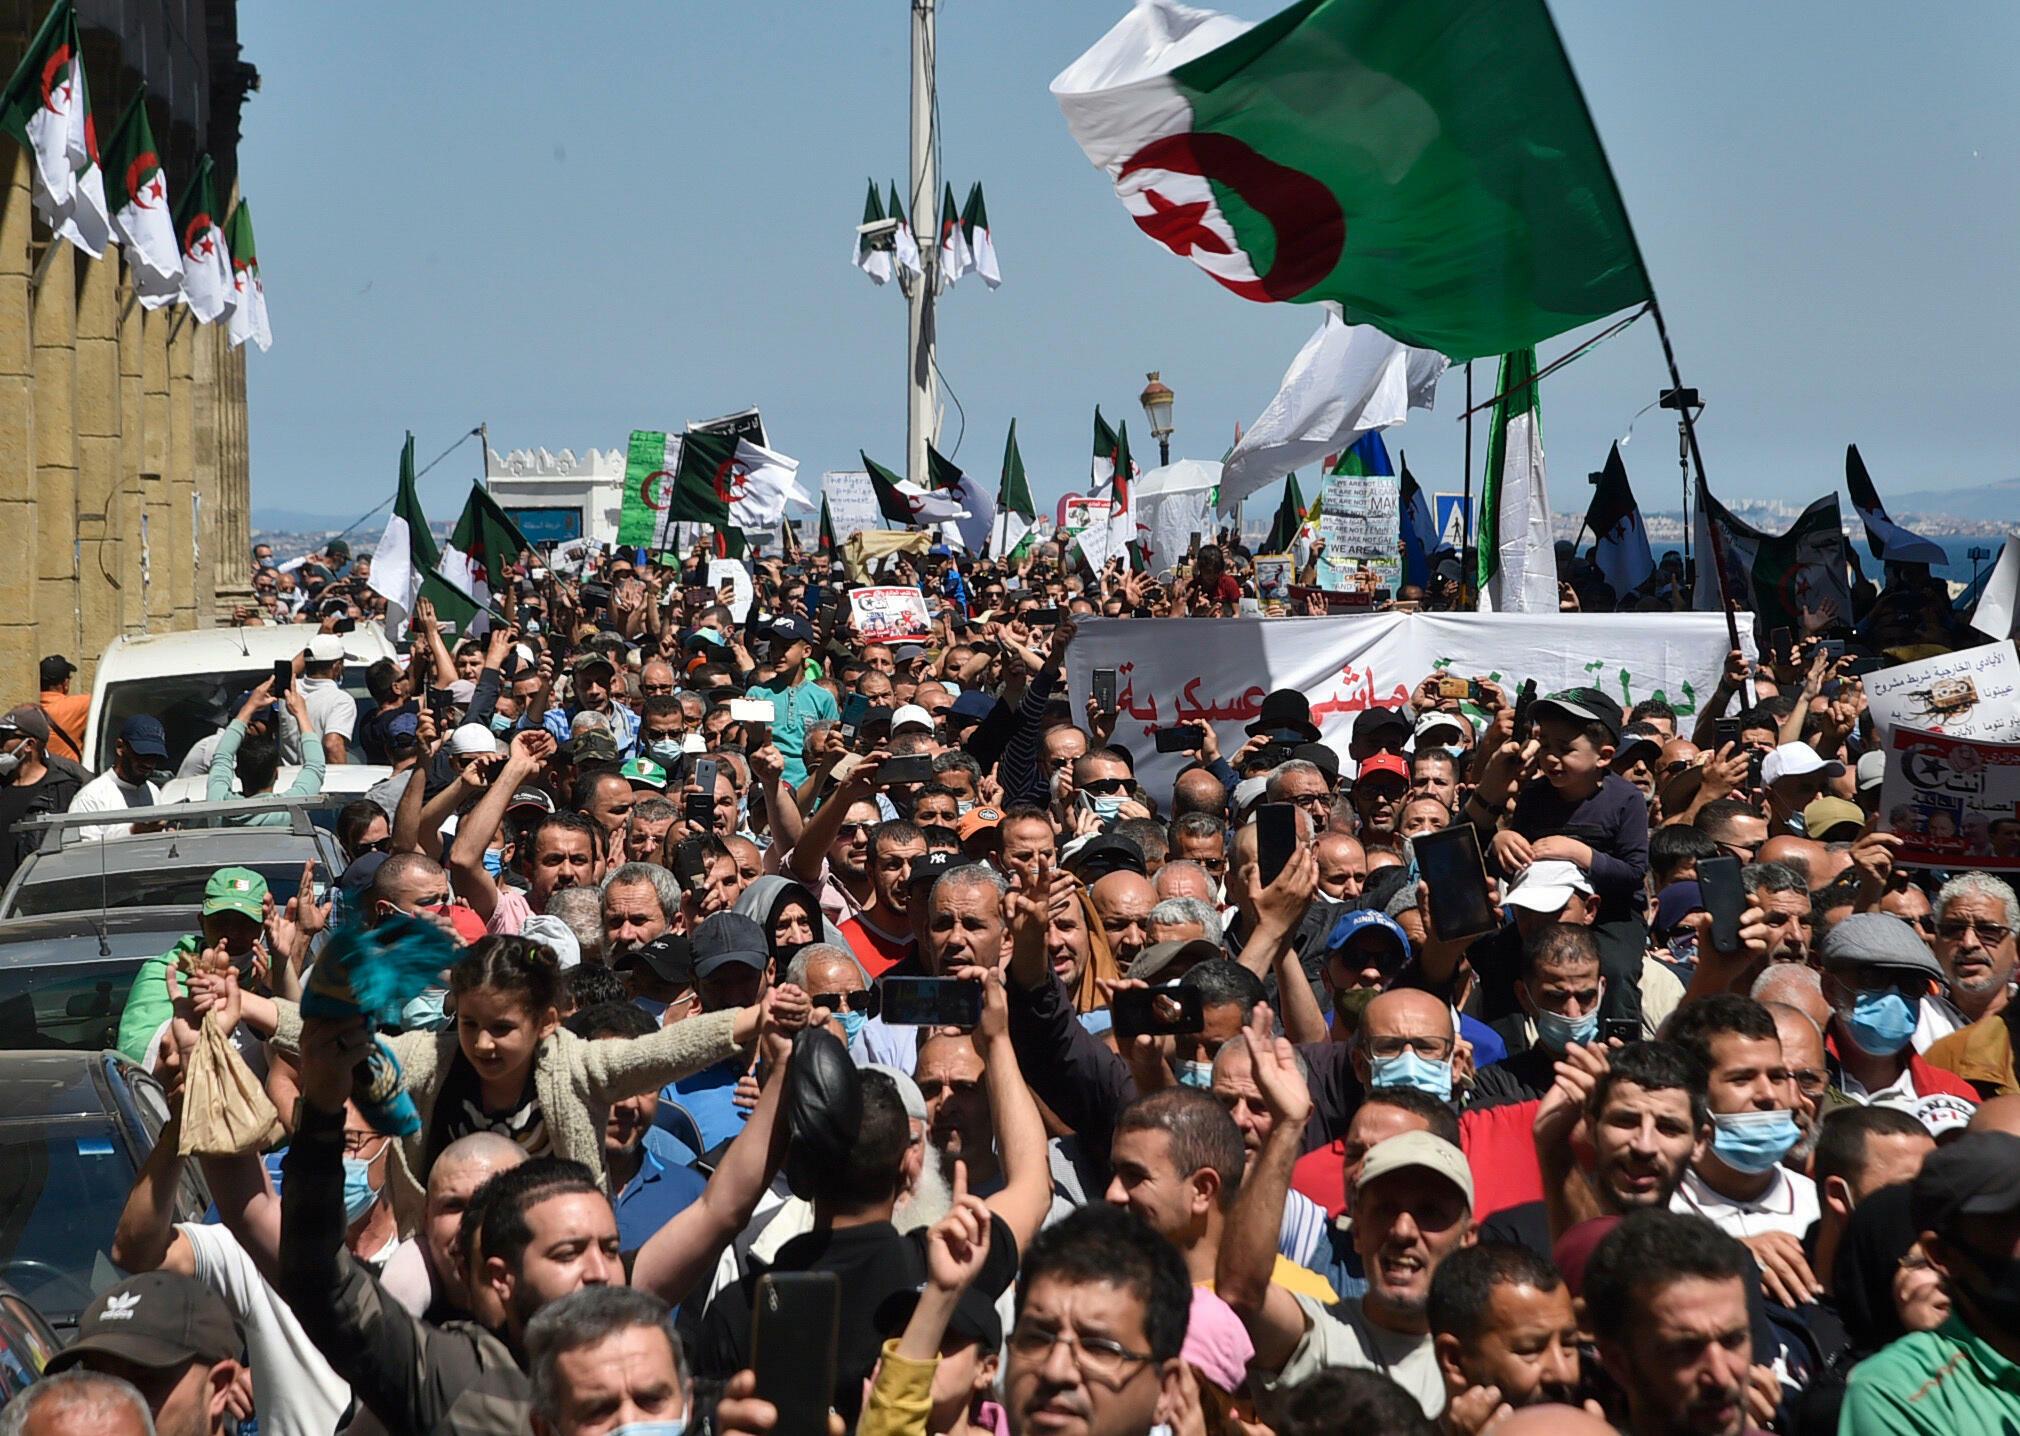 """"""" أمنيستي """" تندد باستخدام السلطات الجزائرية"""" تهم ارهابية باطلة"""" ضد النشطاء السياسيين والصحفيين…"""